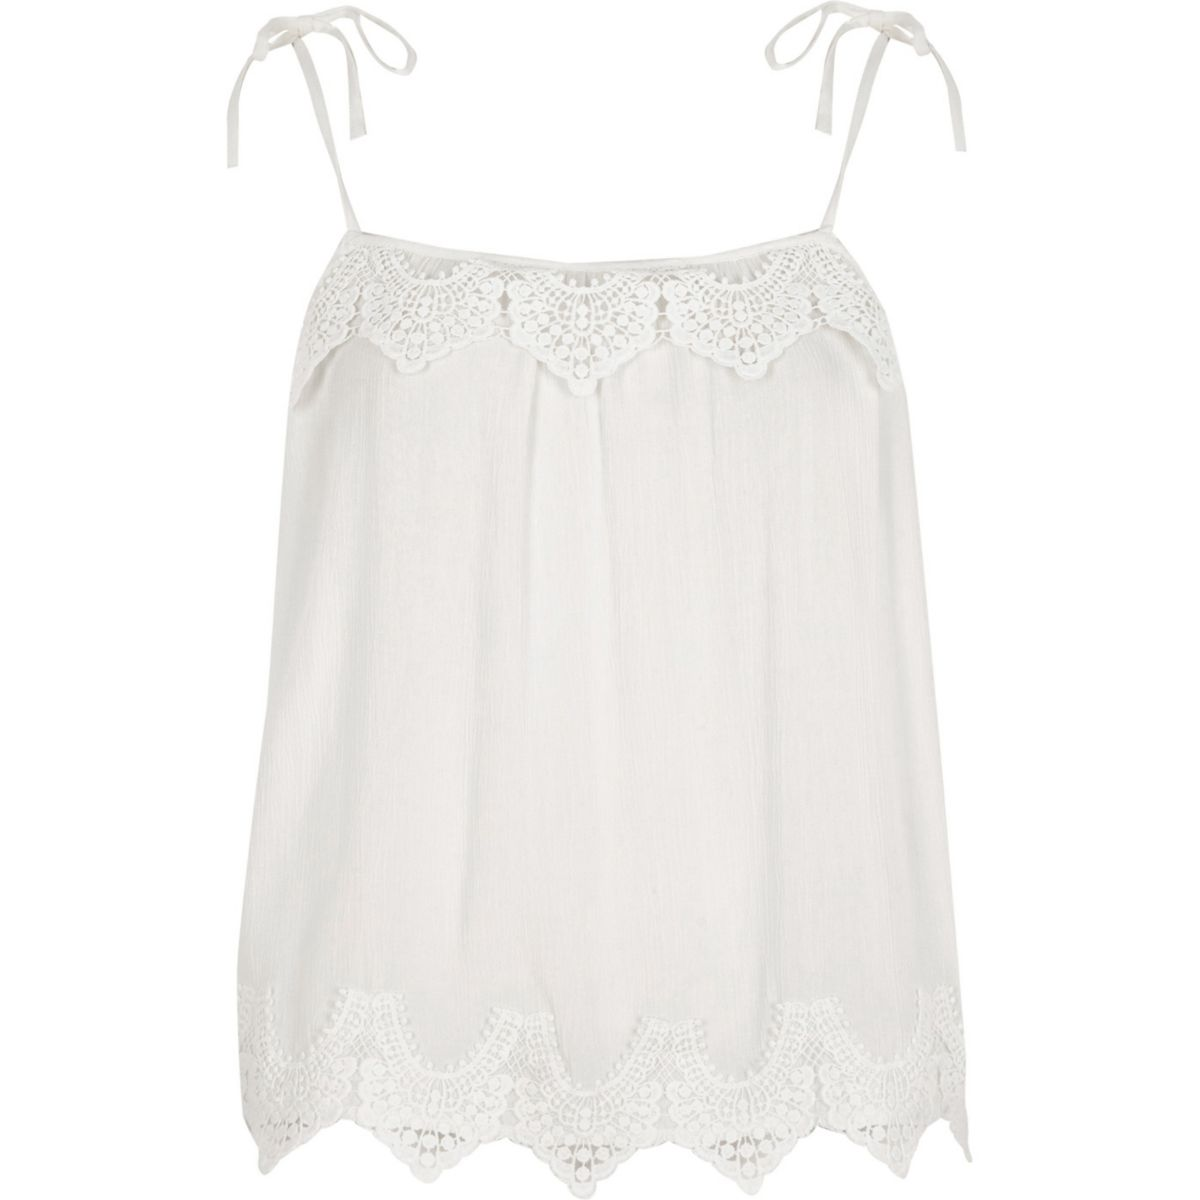 Weißes Camisole mit Zierausschnitten